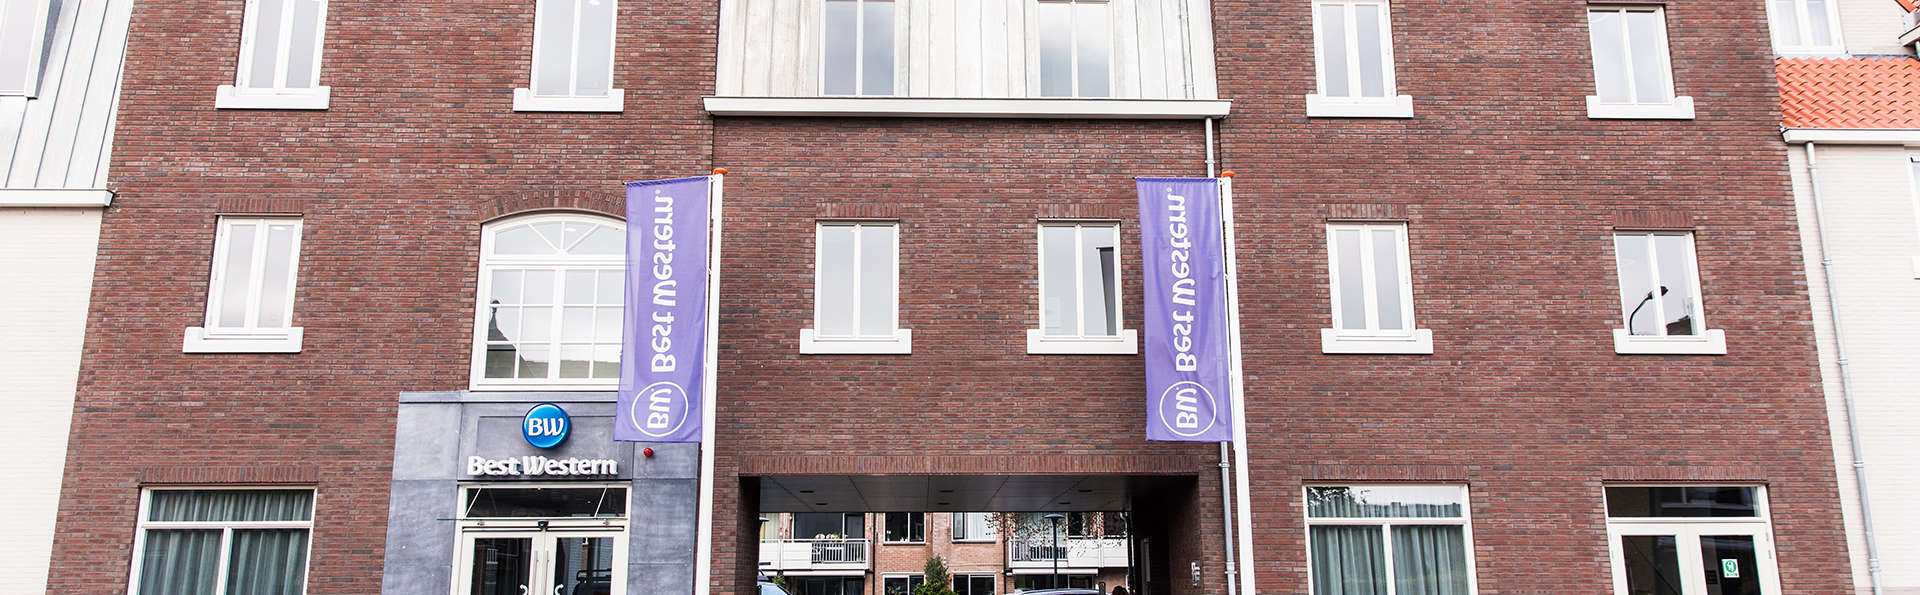 Best Western City Hotel Woerden - EDIT_Voorkant_hotel.jpg